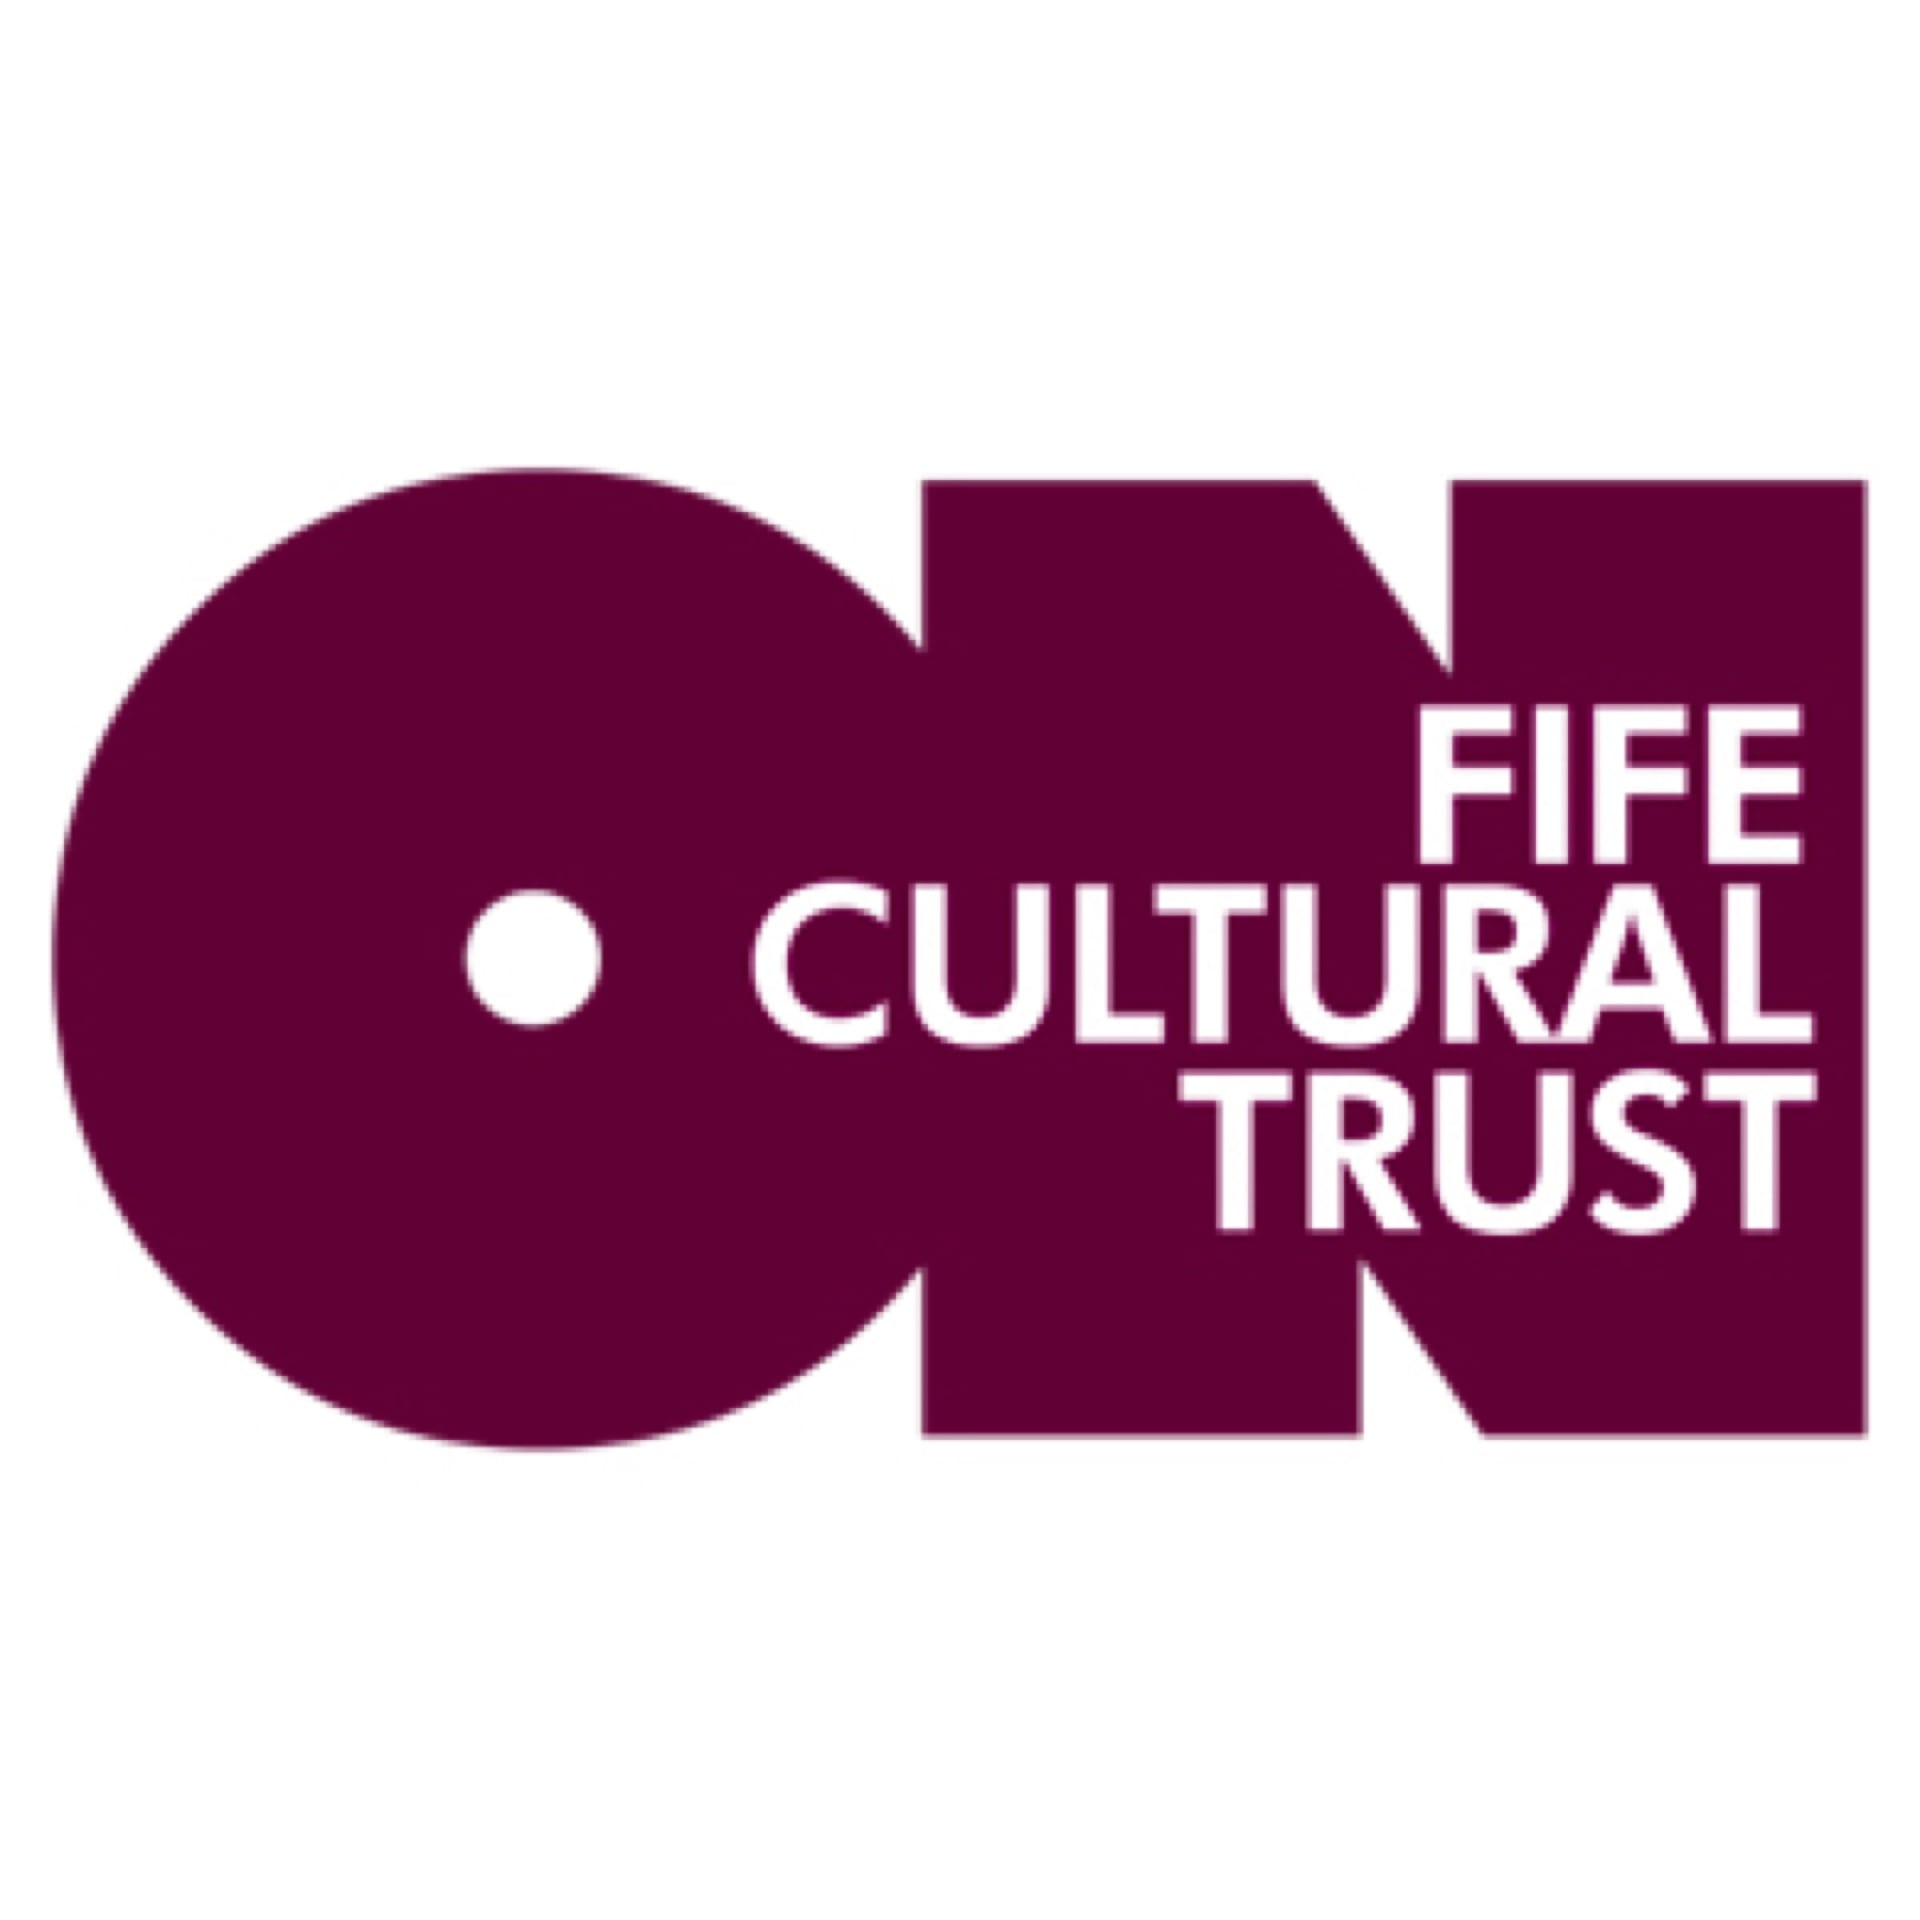 OnFife Cultural Trust